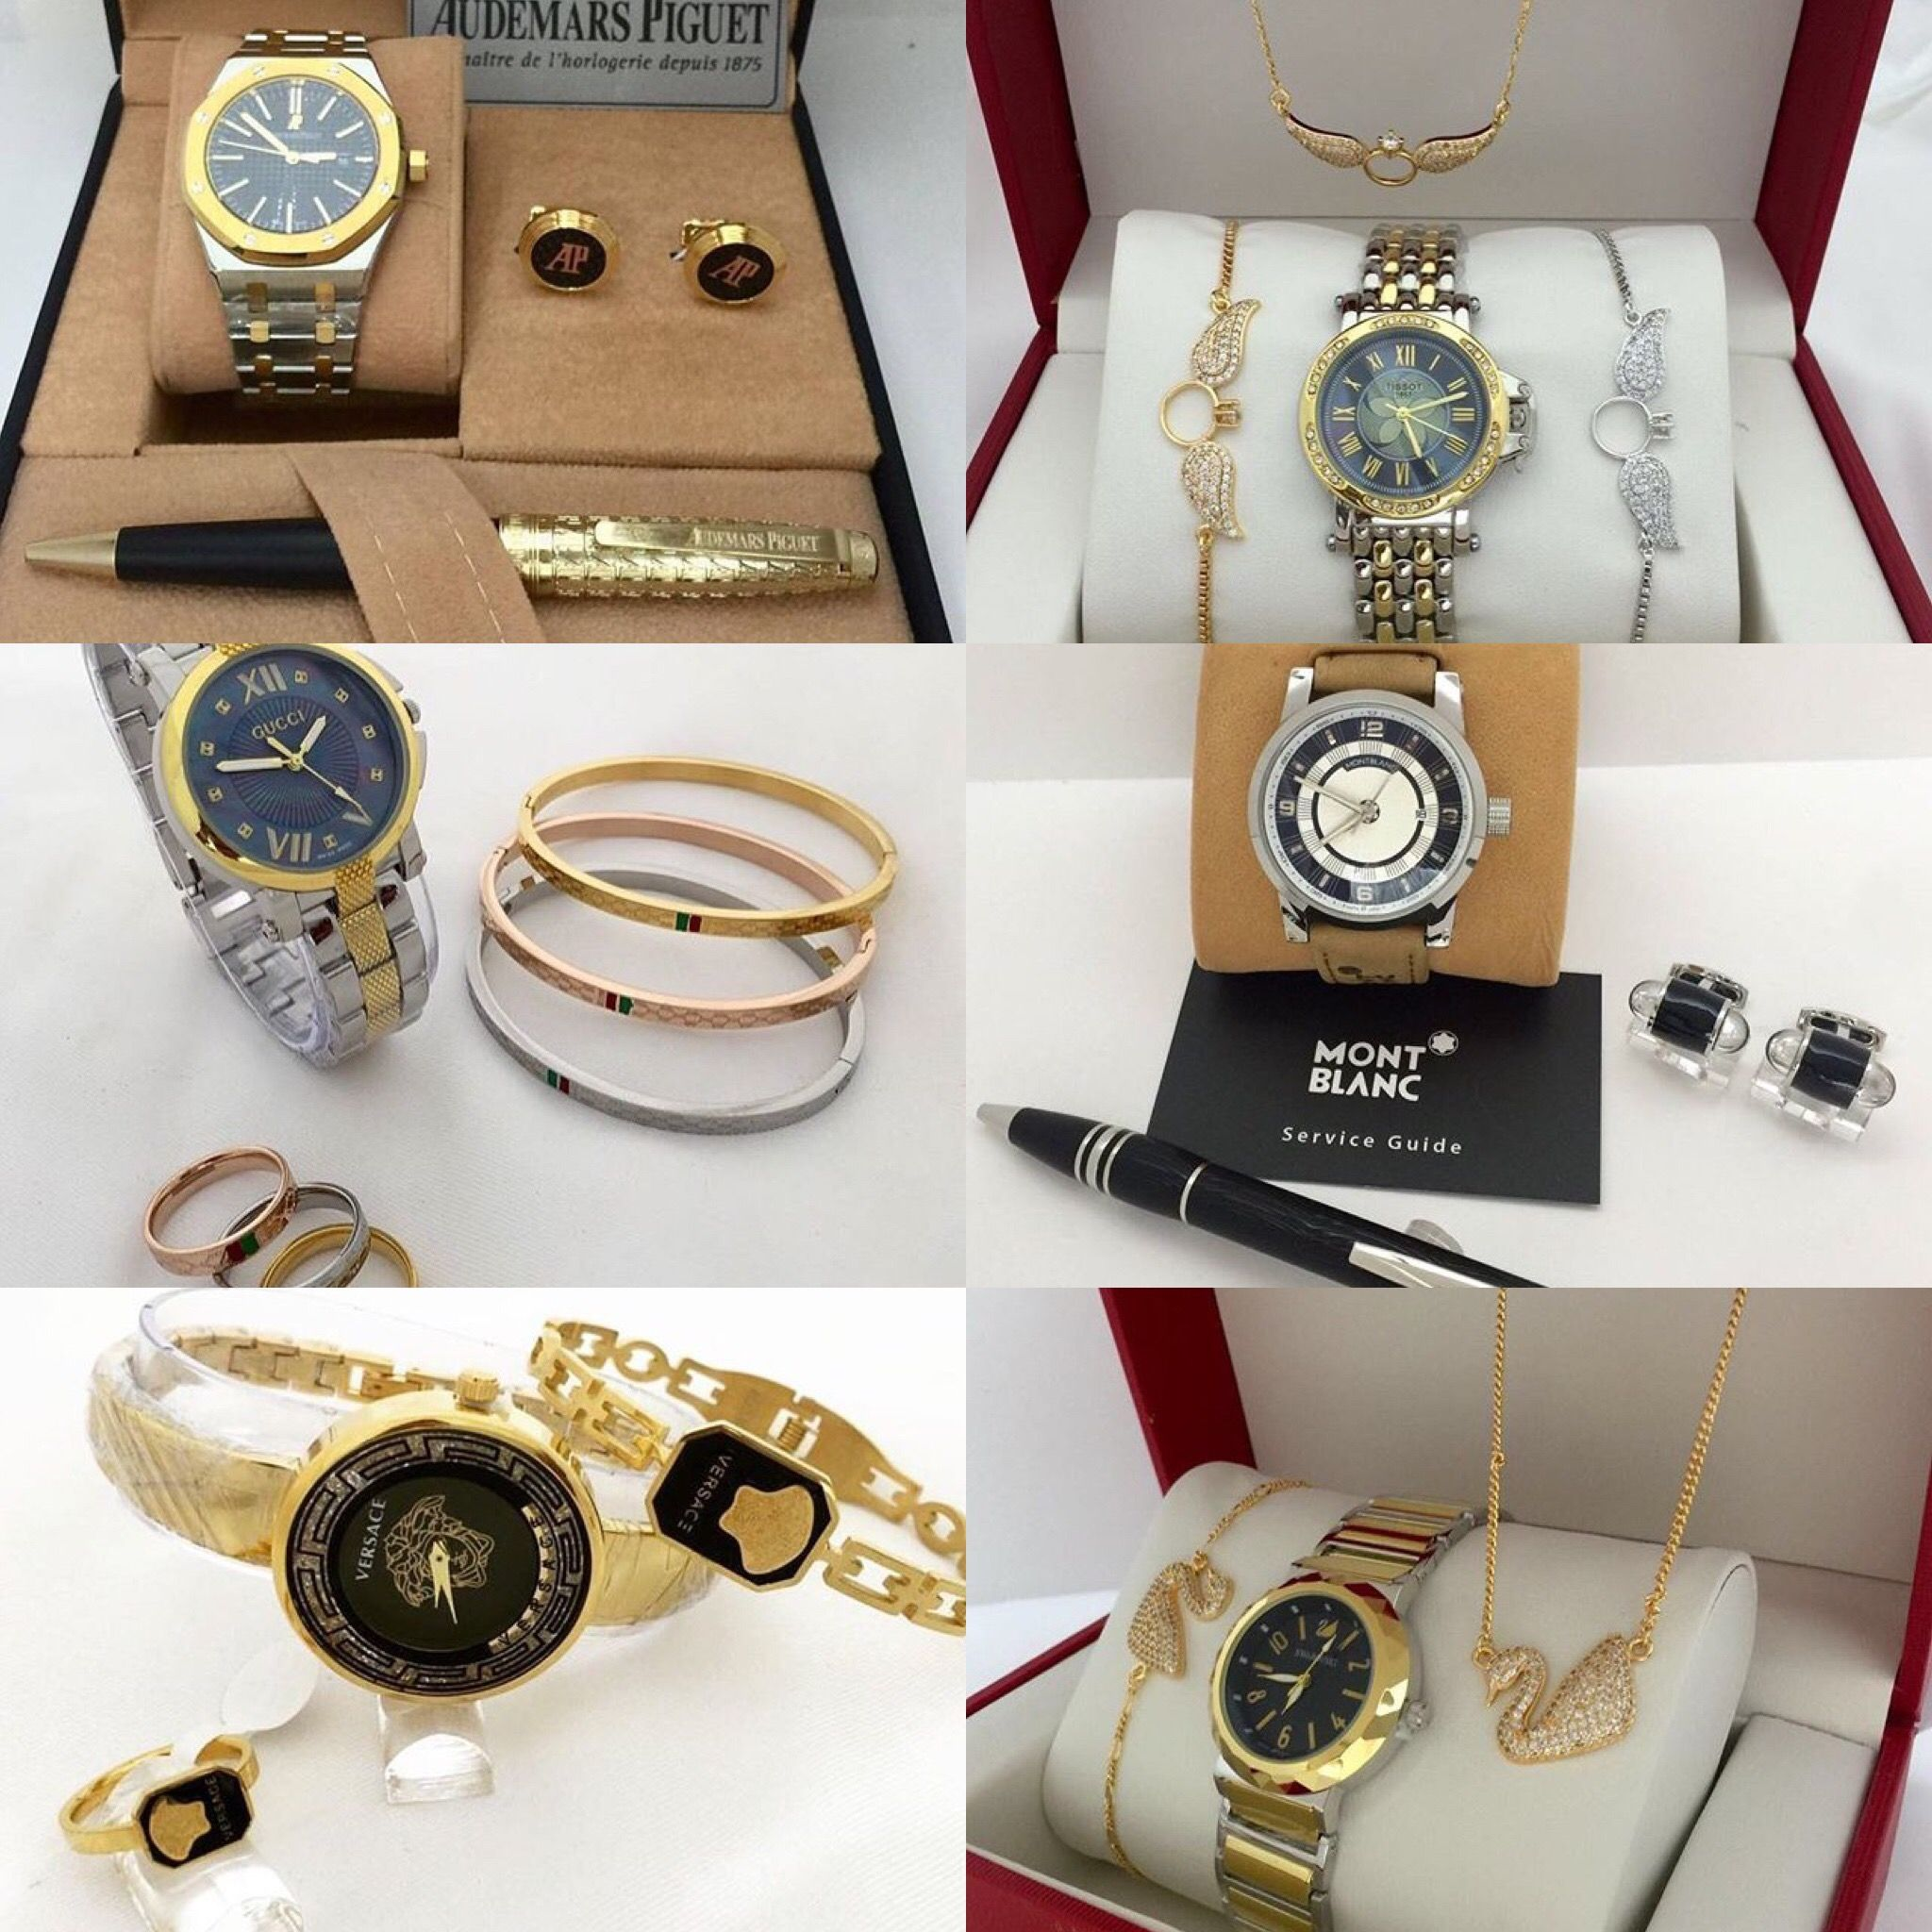 معلومات عن الاإعلان اعلان عن متجر ساعات ماركه درجه اولى نسائيه ورجاليه بسعر رمزي مناسب للجميع نشحن لجميع المدن بالمم Audemars Piguet Piguet Rolex Watches